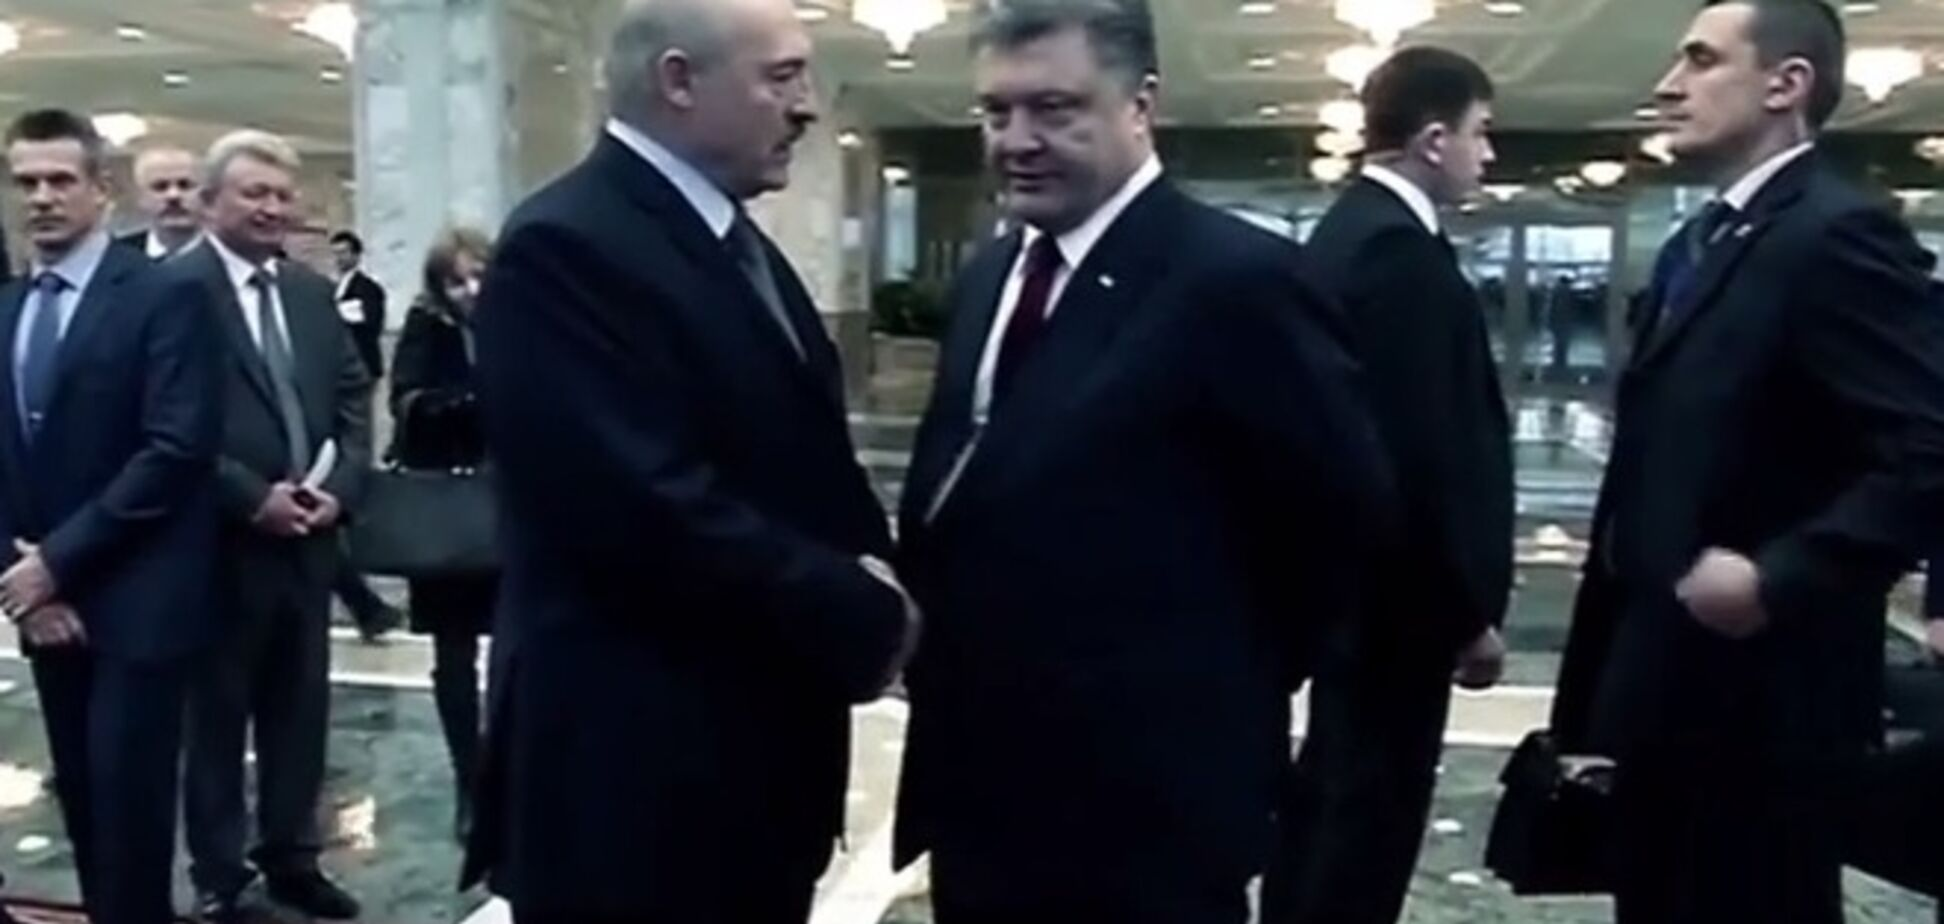 'Он грязно играет': Порошенко пожаловался Лукашенко на Путина. Видеофакт